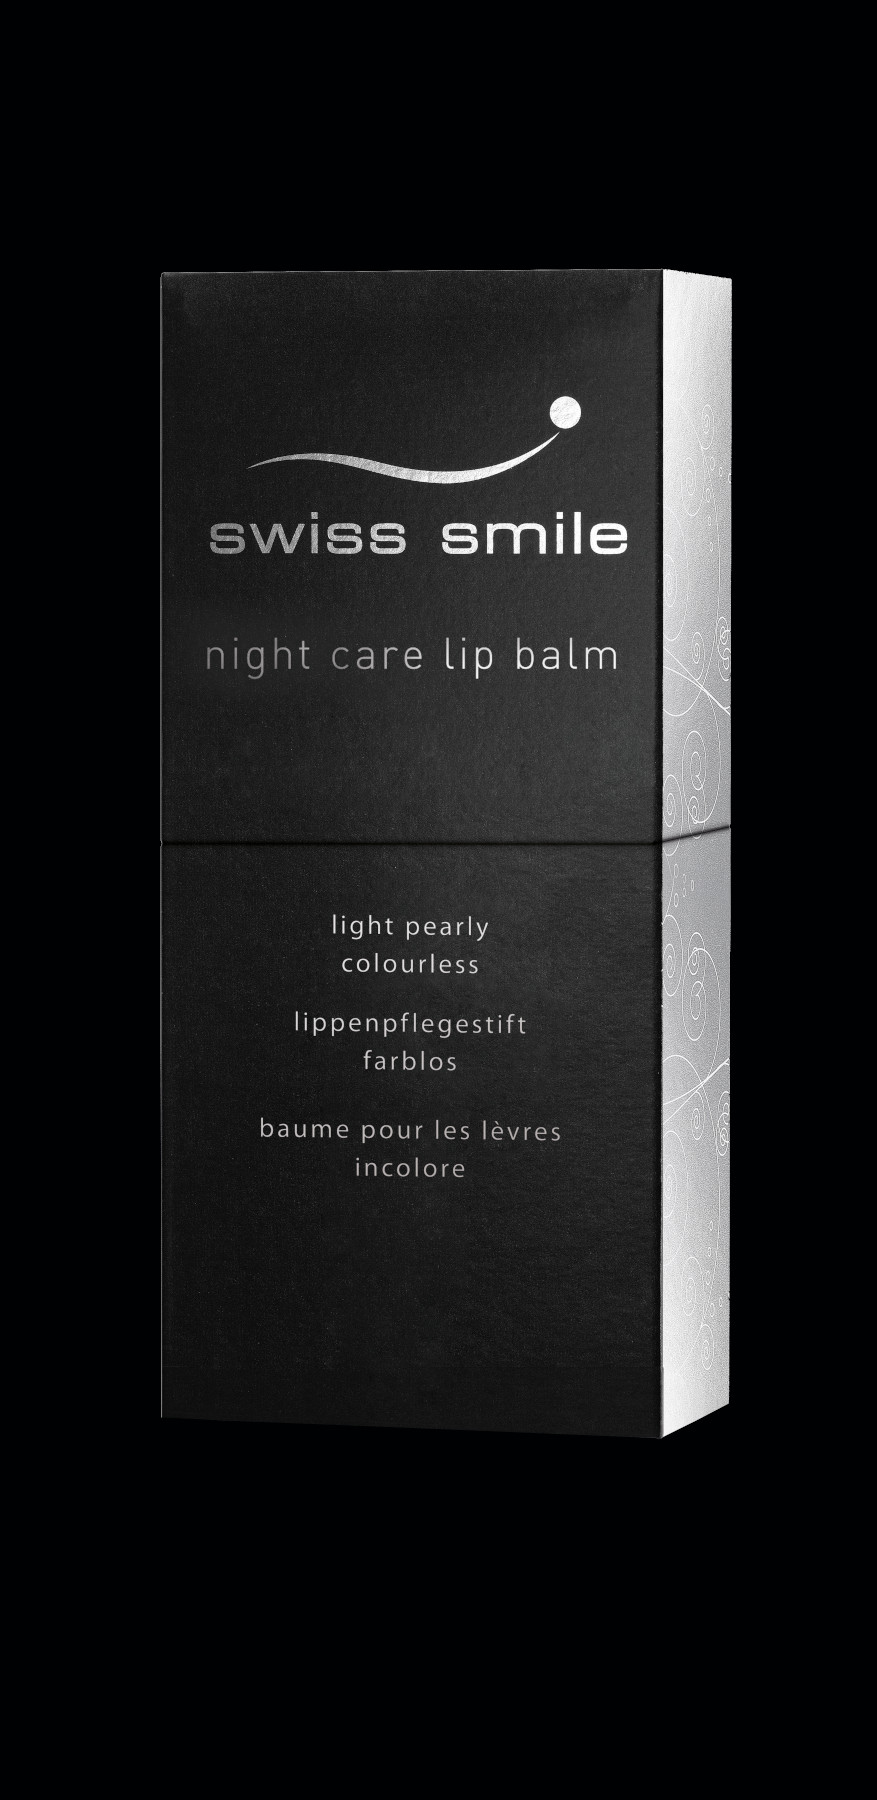 negru 91412971 glorious lips lip balm box 1 Glorious lips balsam de buze